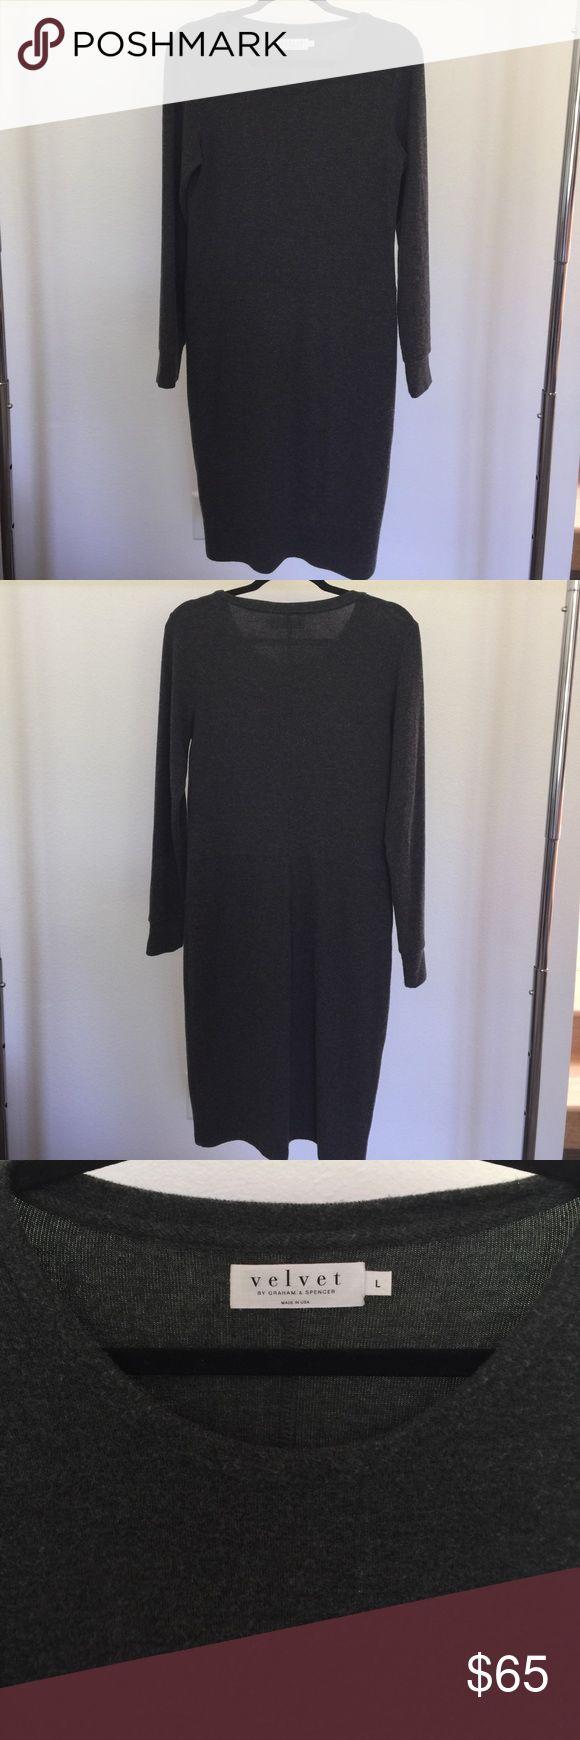 Velvet by Graham & Spencer long sleeve dress Velvet by Graham & Spencer long sleeve dress. 49% polyester 48% viscose 5% elastane. Size L Velvet by Graham & Spencer Dresses Long Sleeve